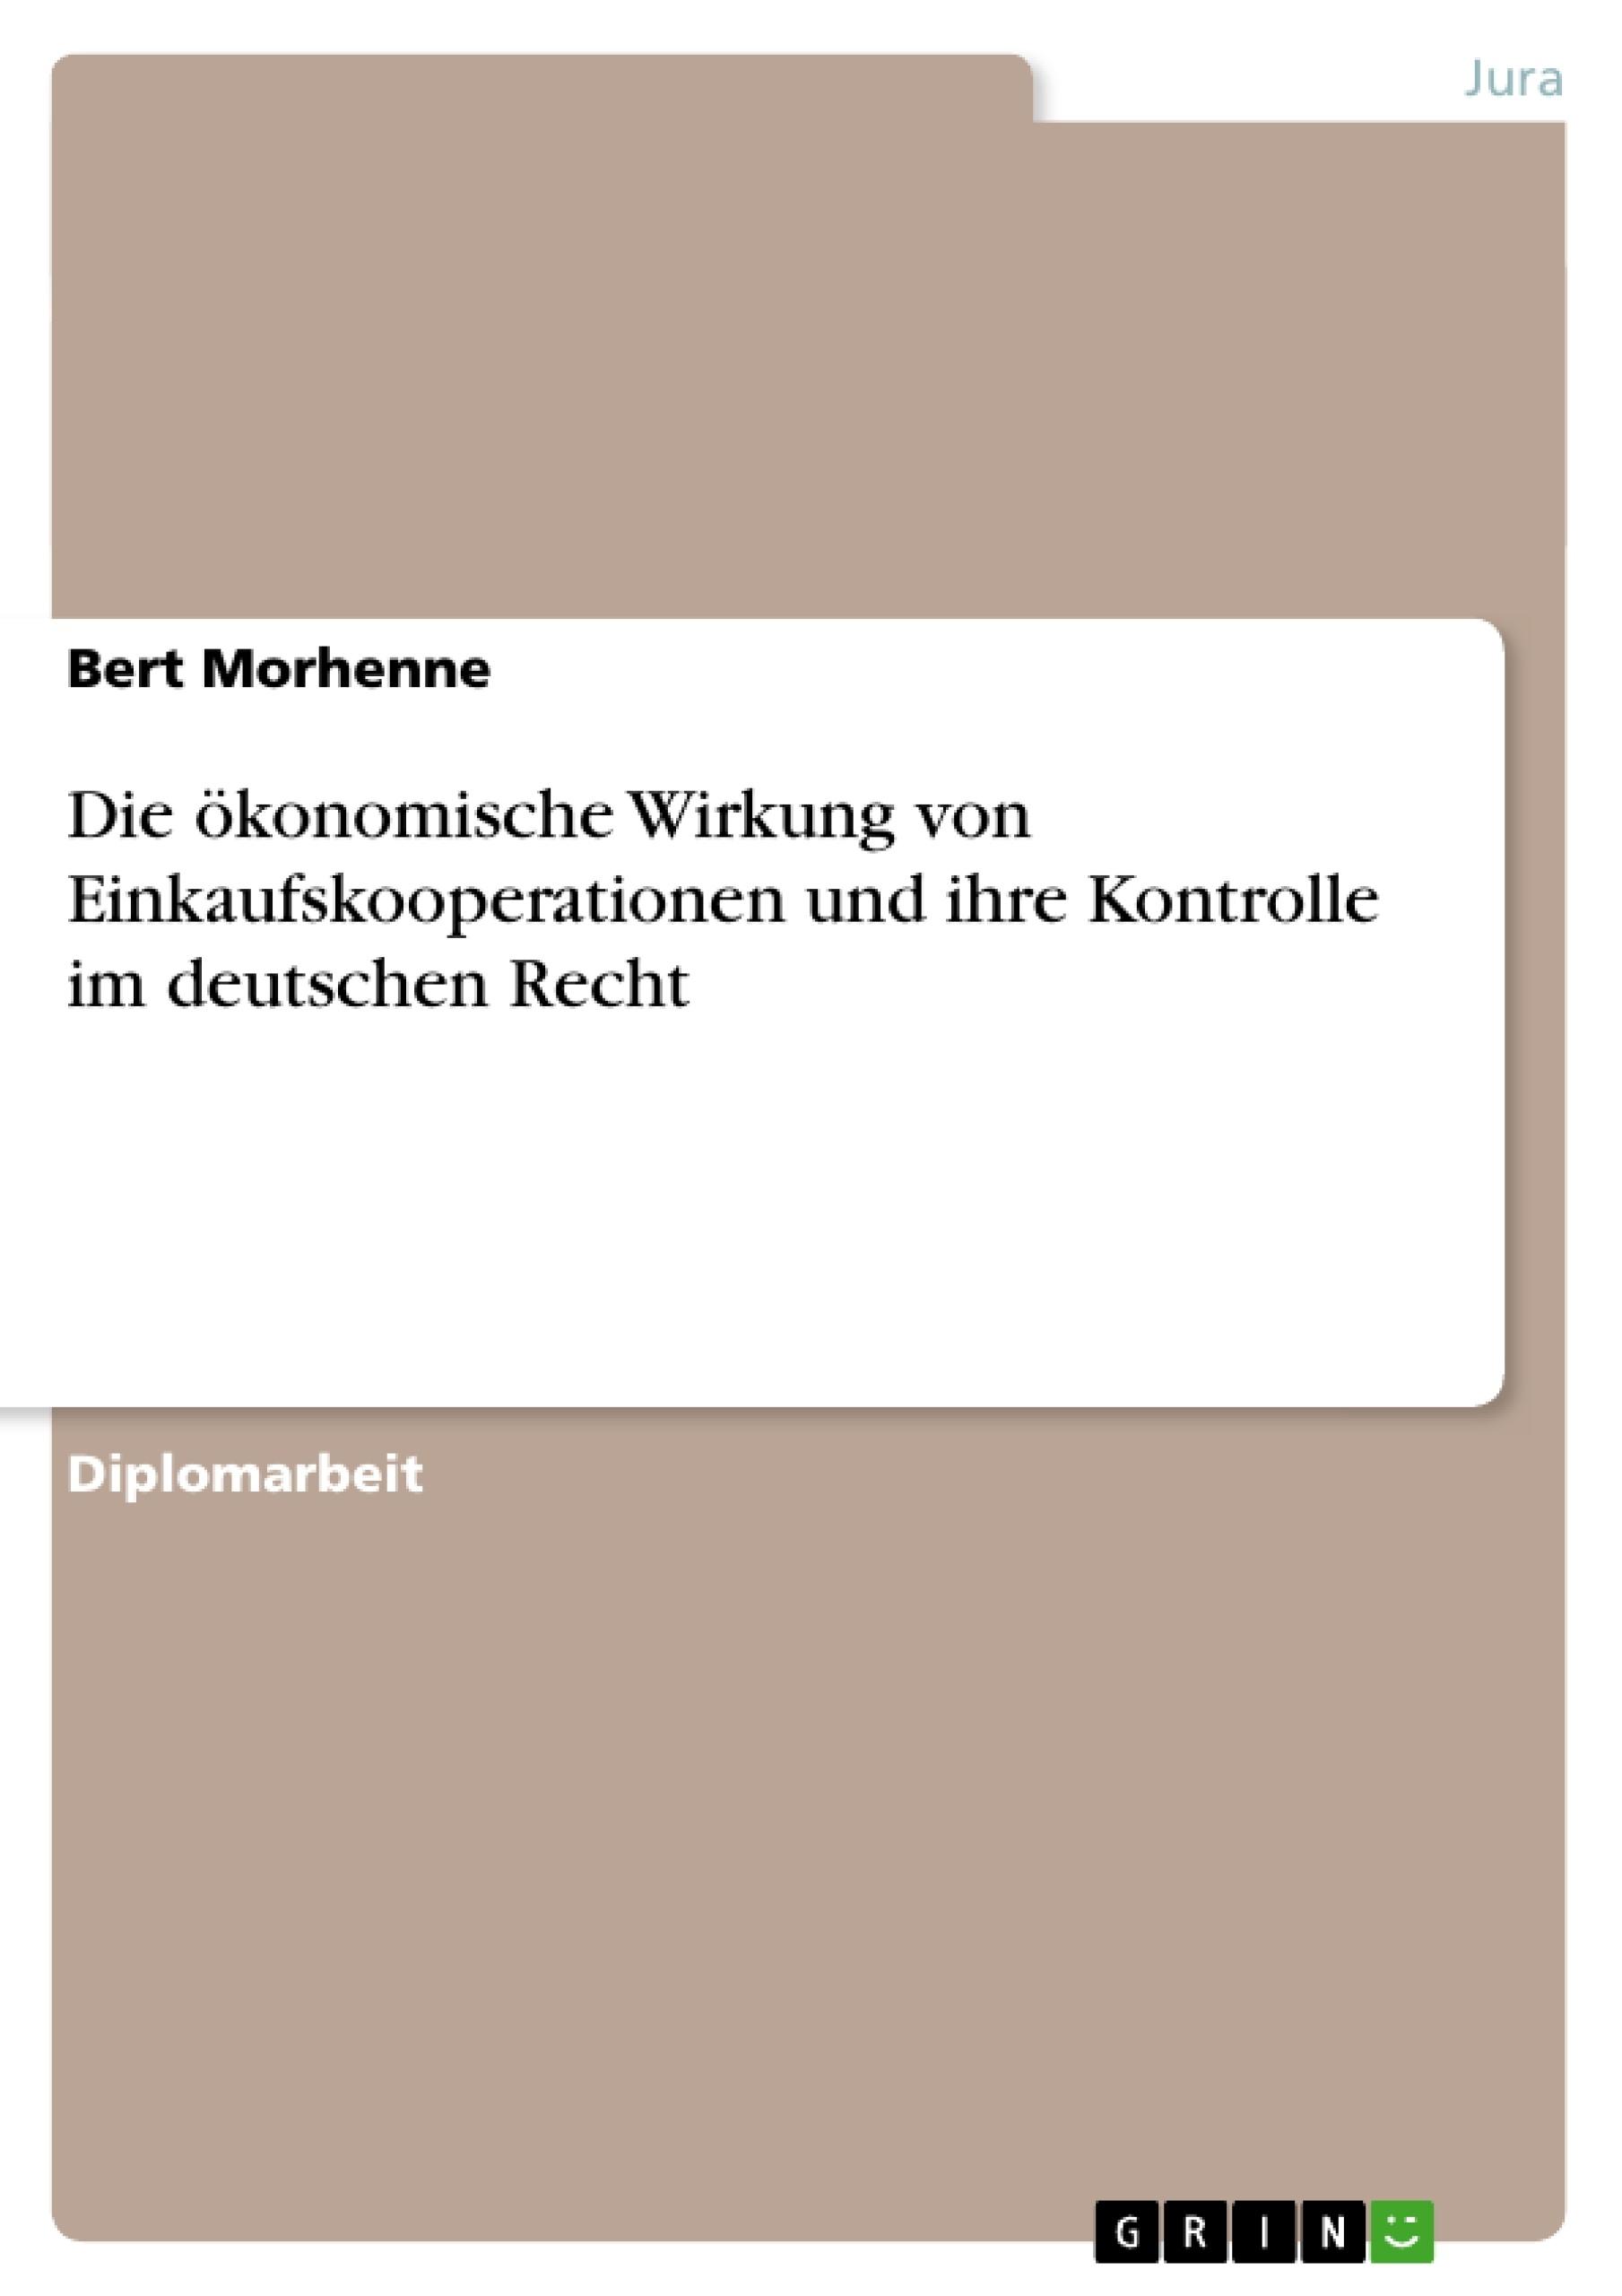 Titel: Die ökonomische Wirkung von Einkaufskooperationen und ihre Kontrolle im deutschen Recht